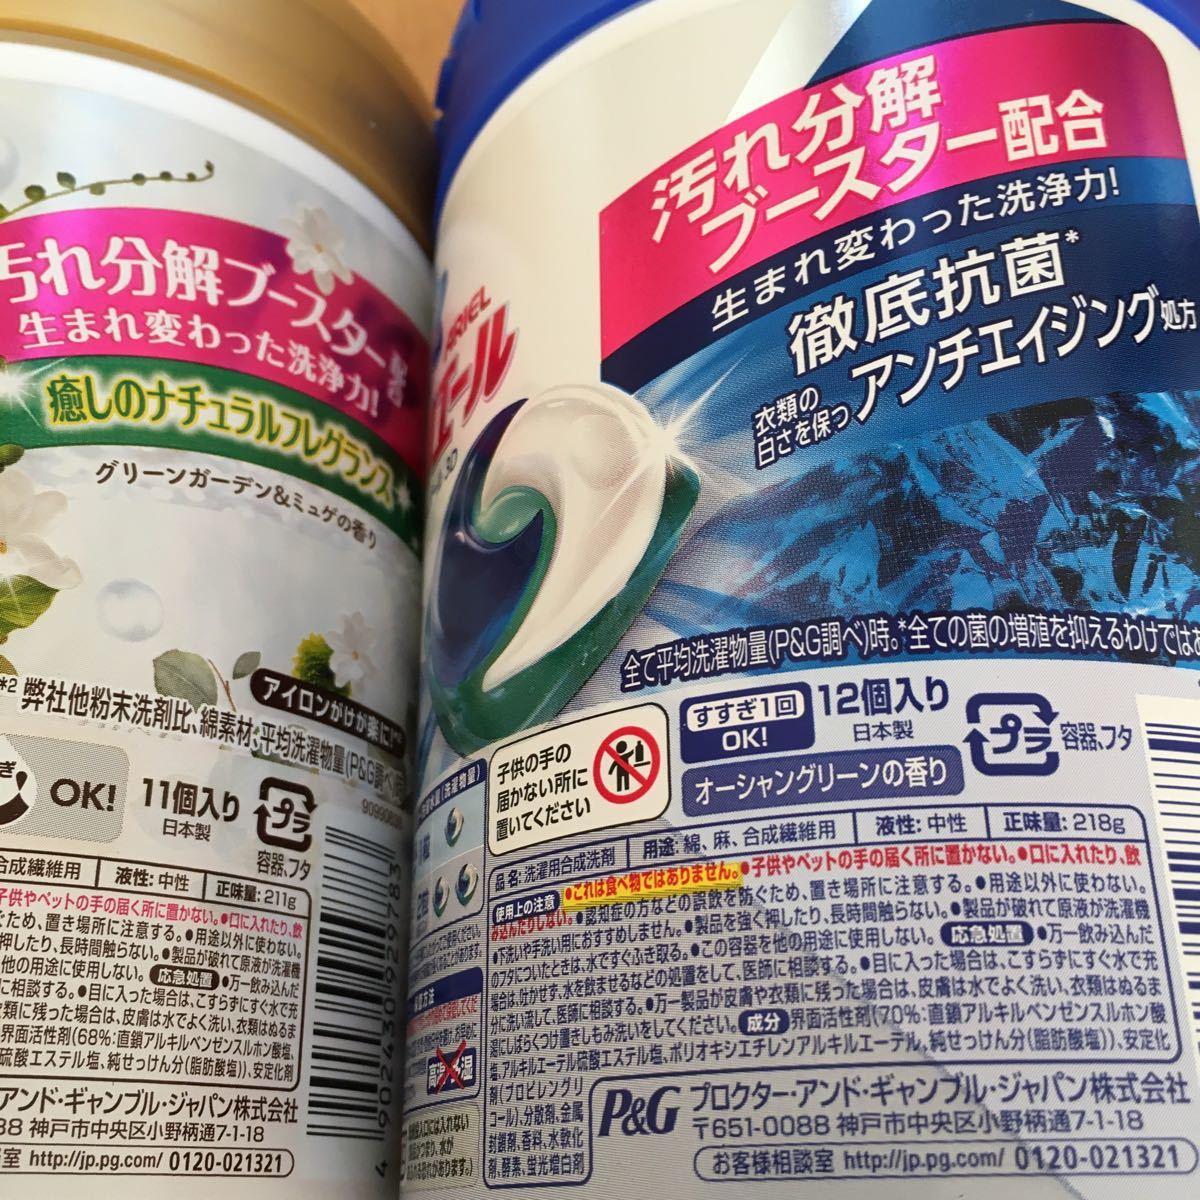 ジェルボール  アリエール ボールド  詰め合わせ 液体洗剤 p&g